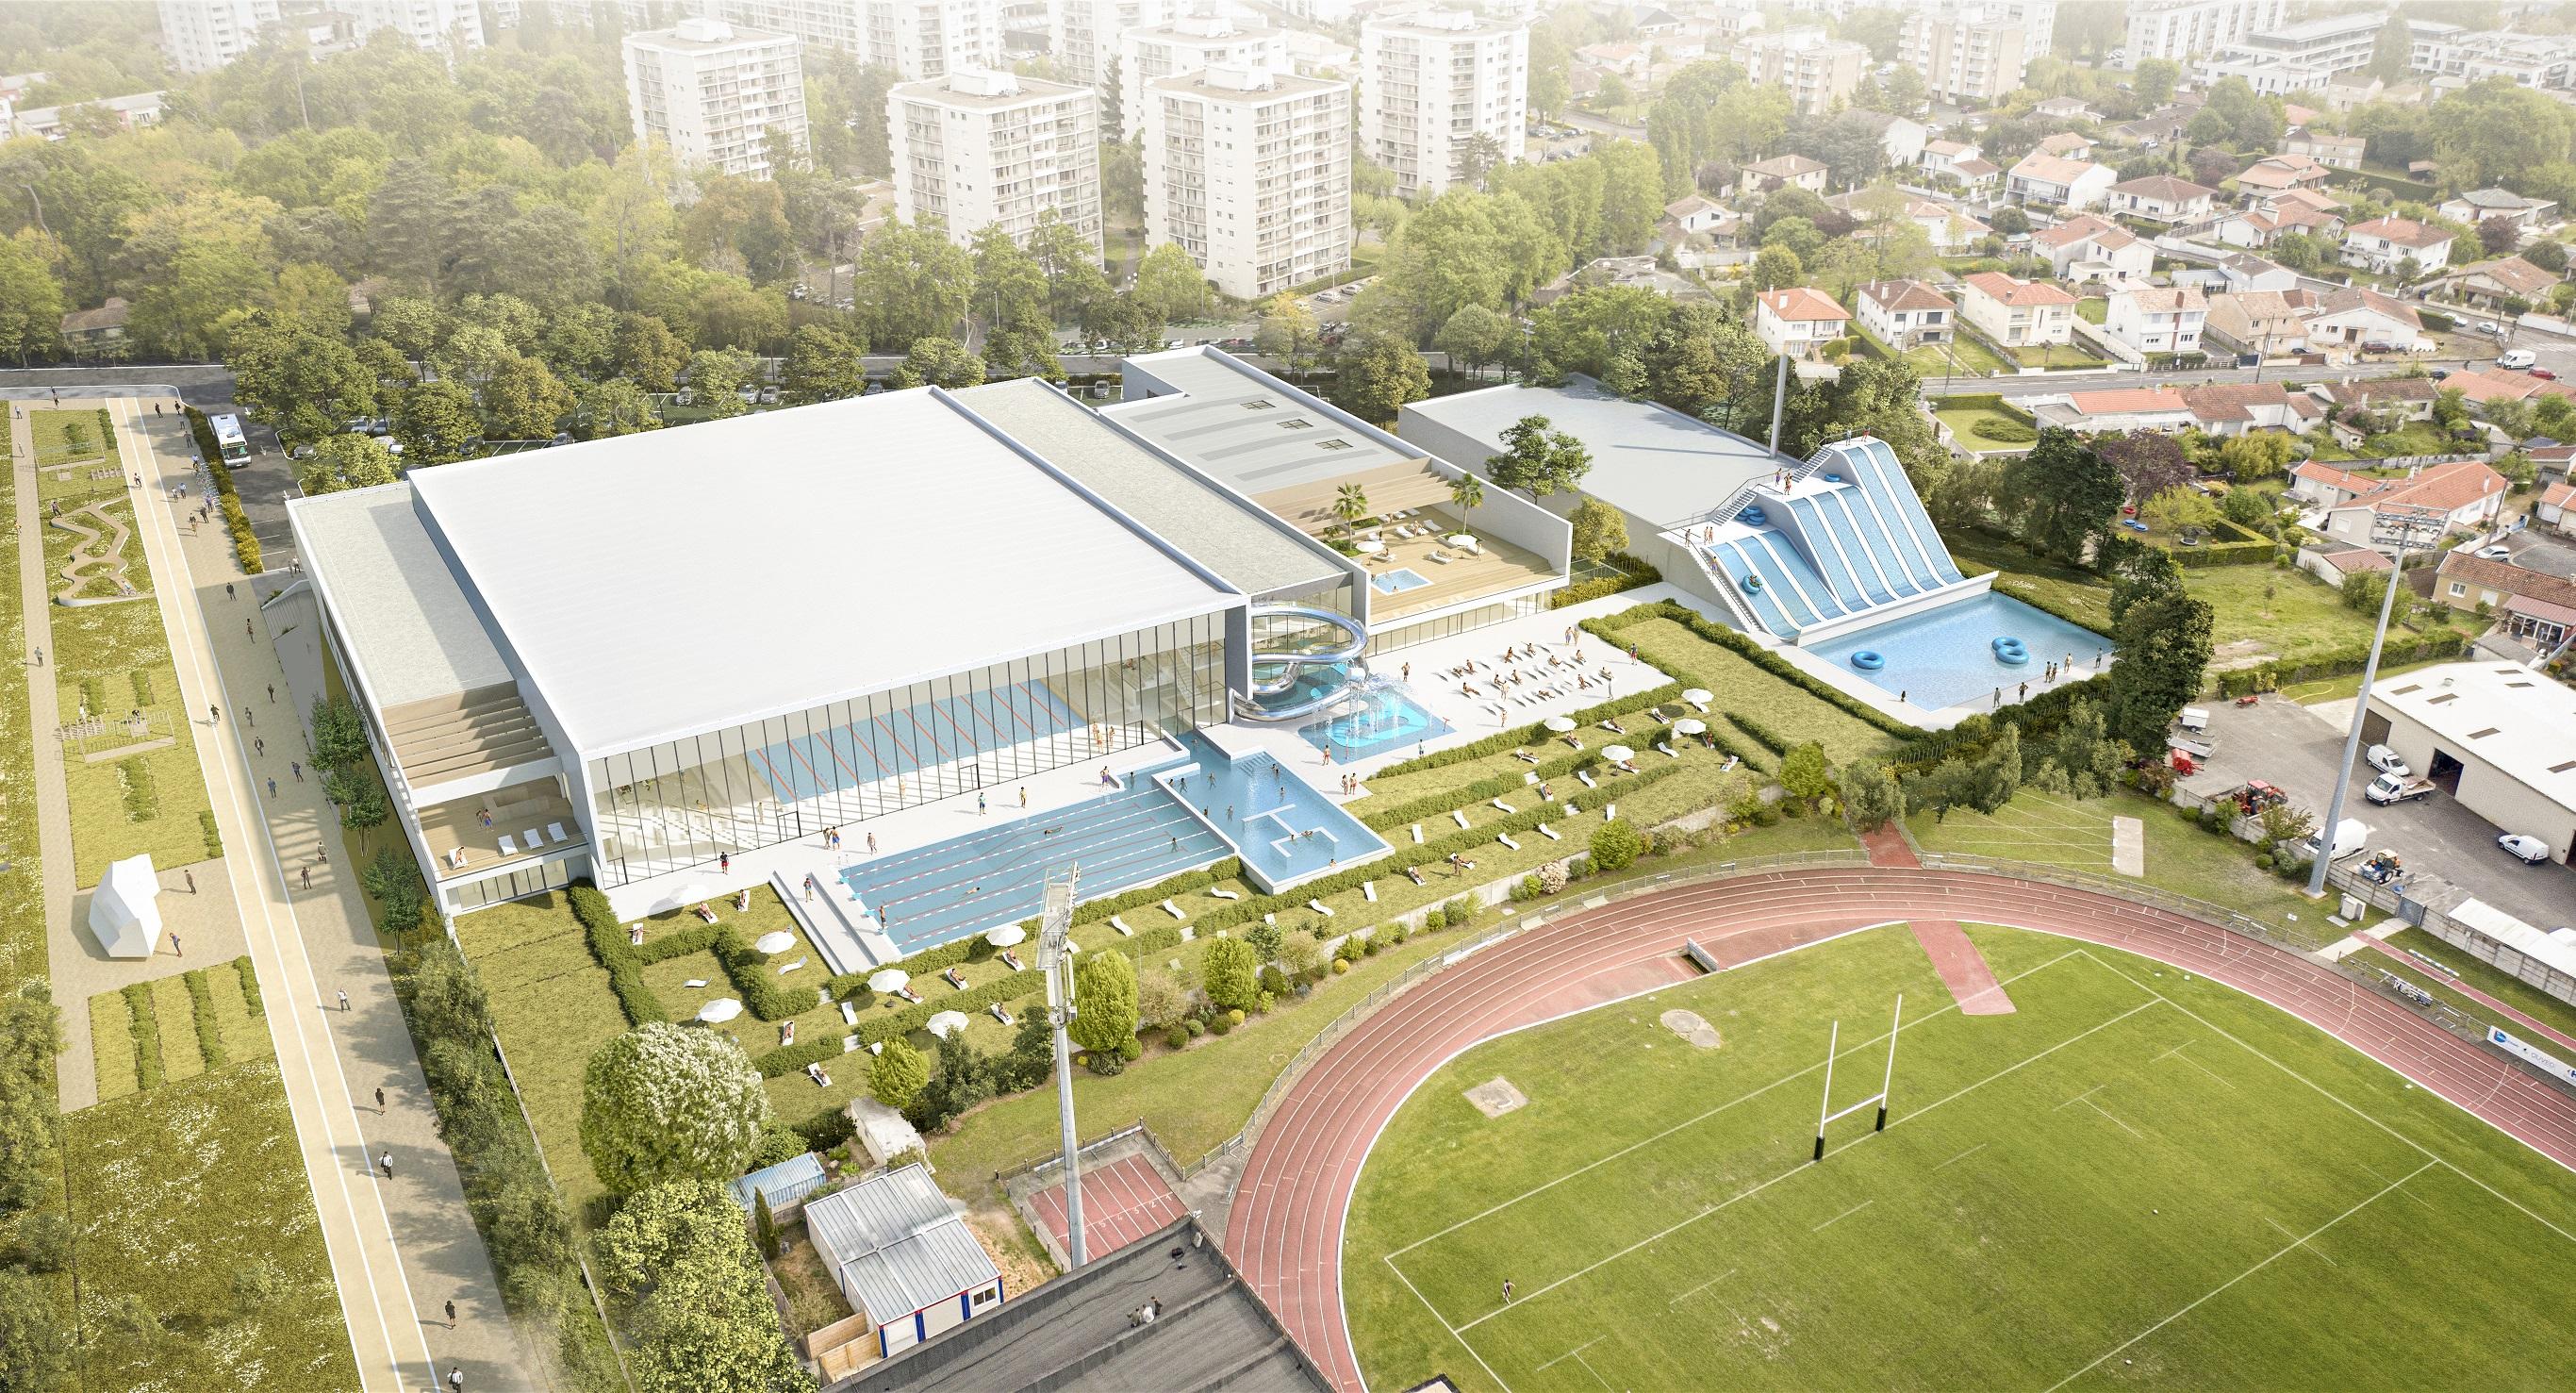 Eiffage Construira Le Stade Nautique Métropolitain De Bordeaux Mérignac